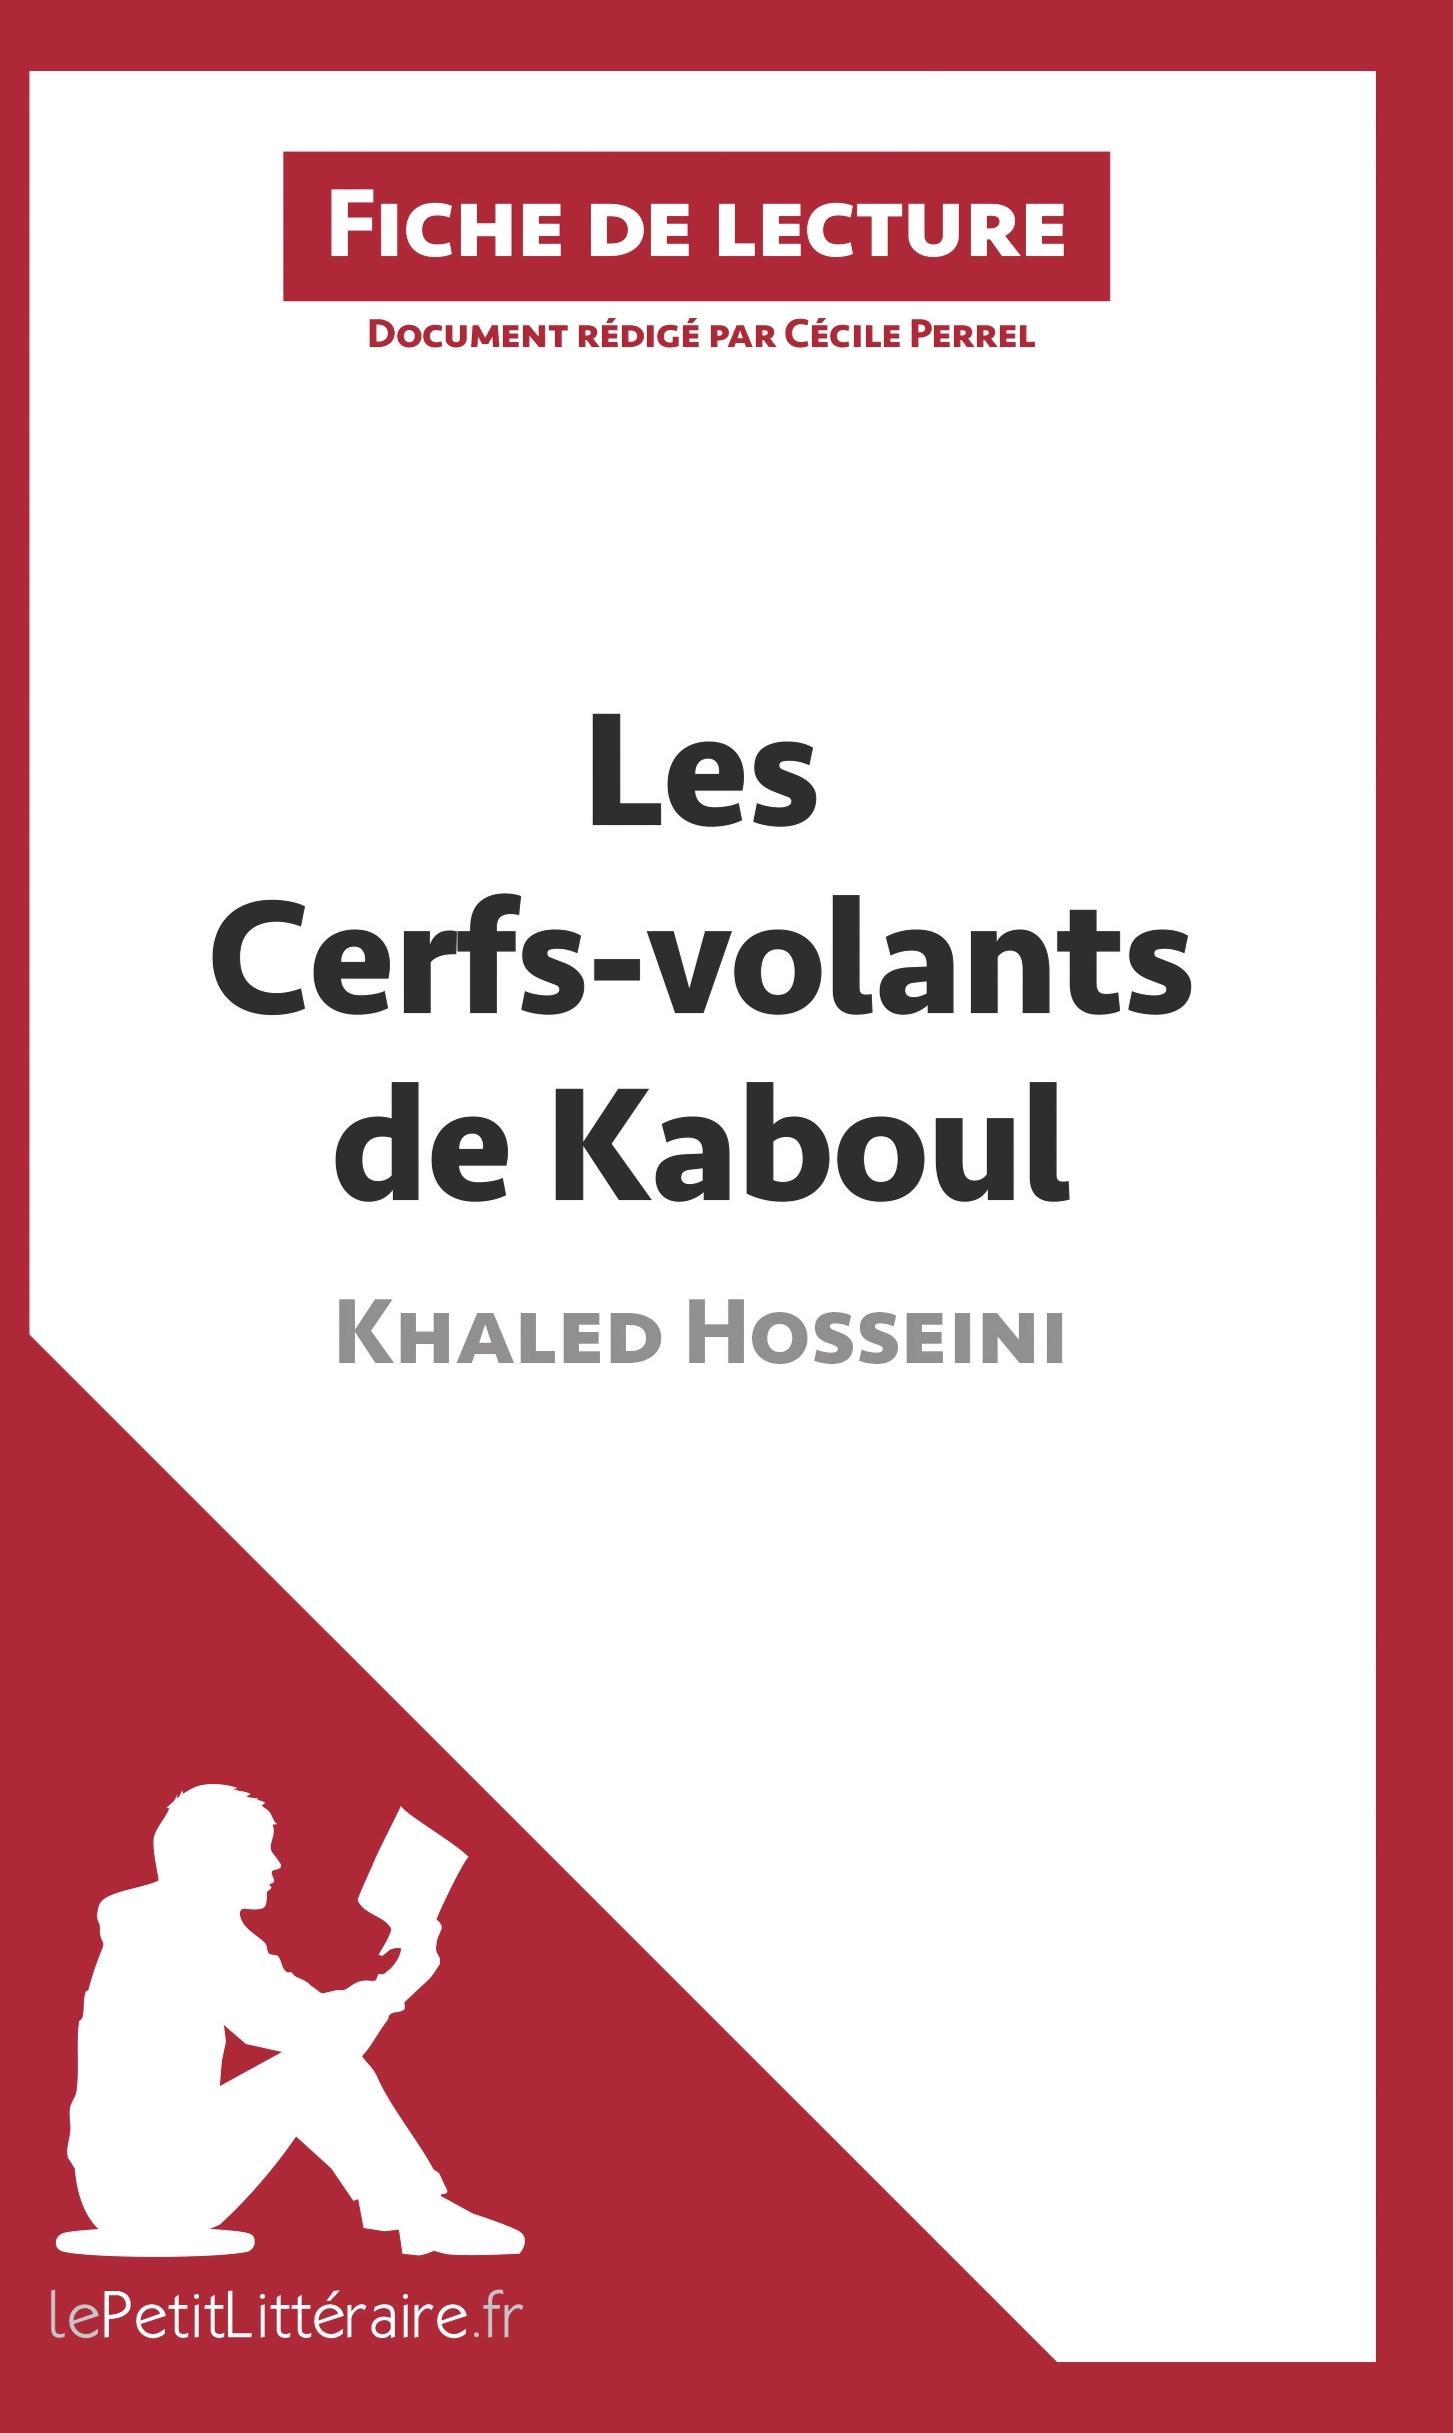 ANALYSE LES CERFS VOLANTS DE KABOUL DE KHALED HOSSEINI ANALYSE COMPLETE DE L UV